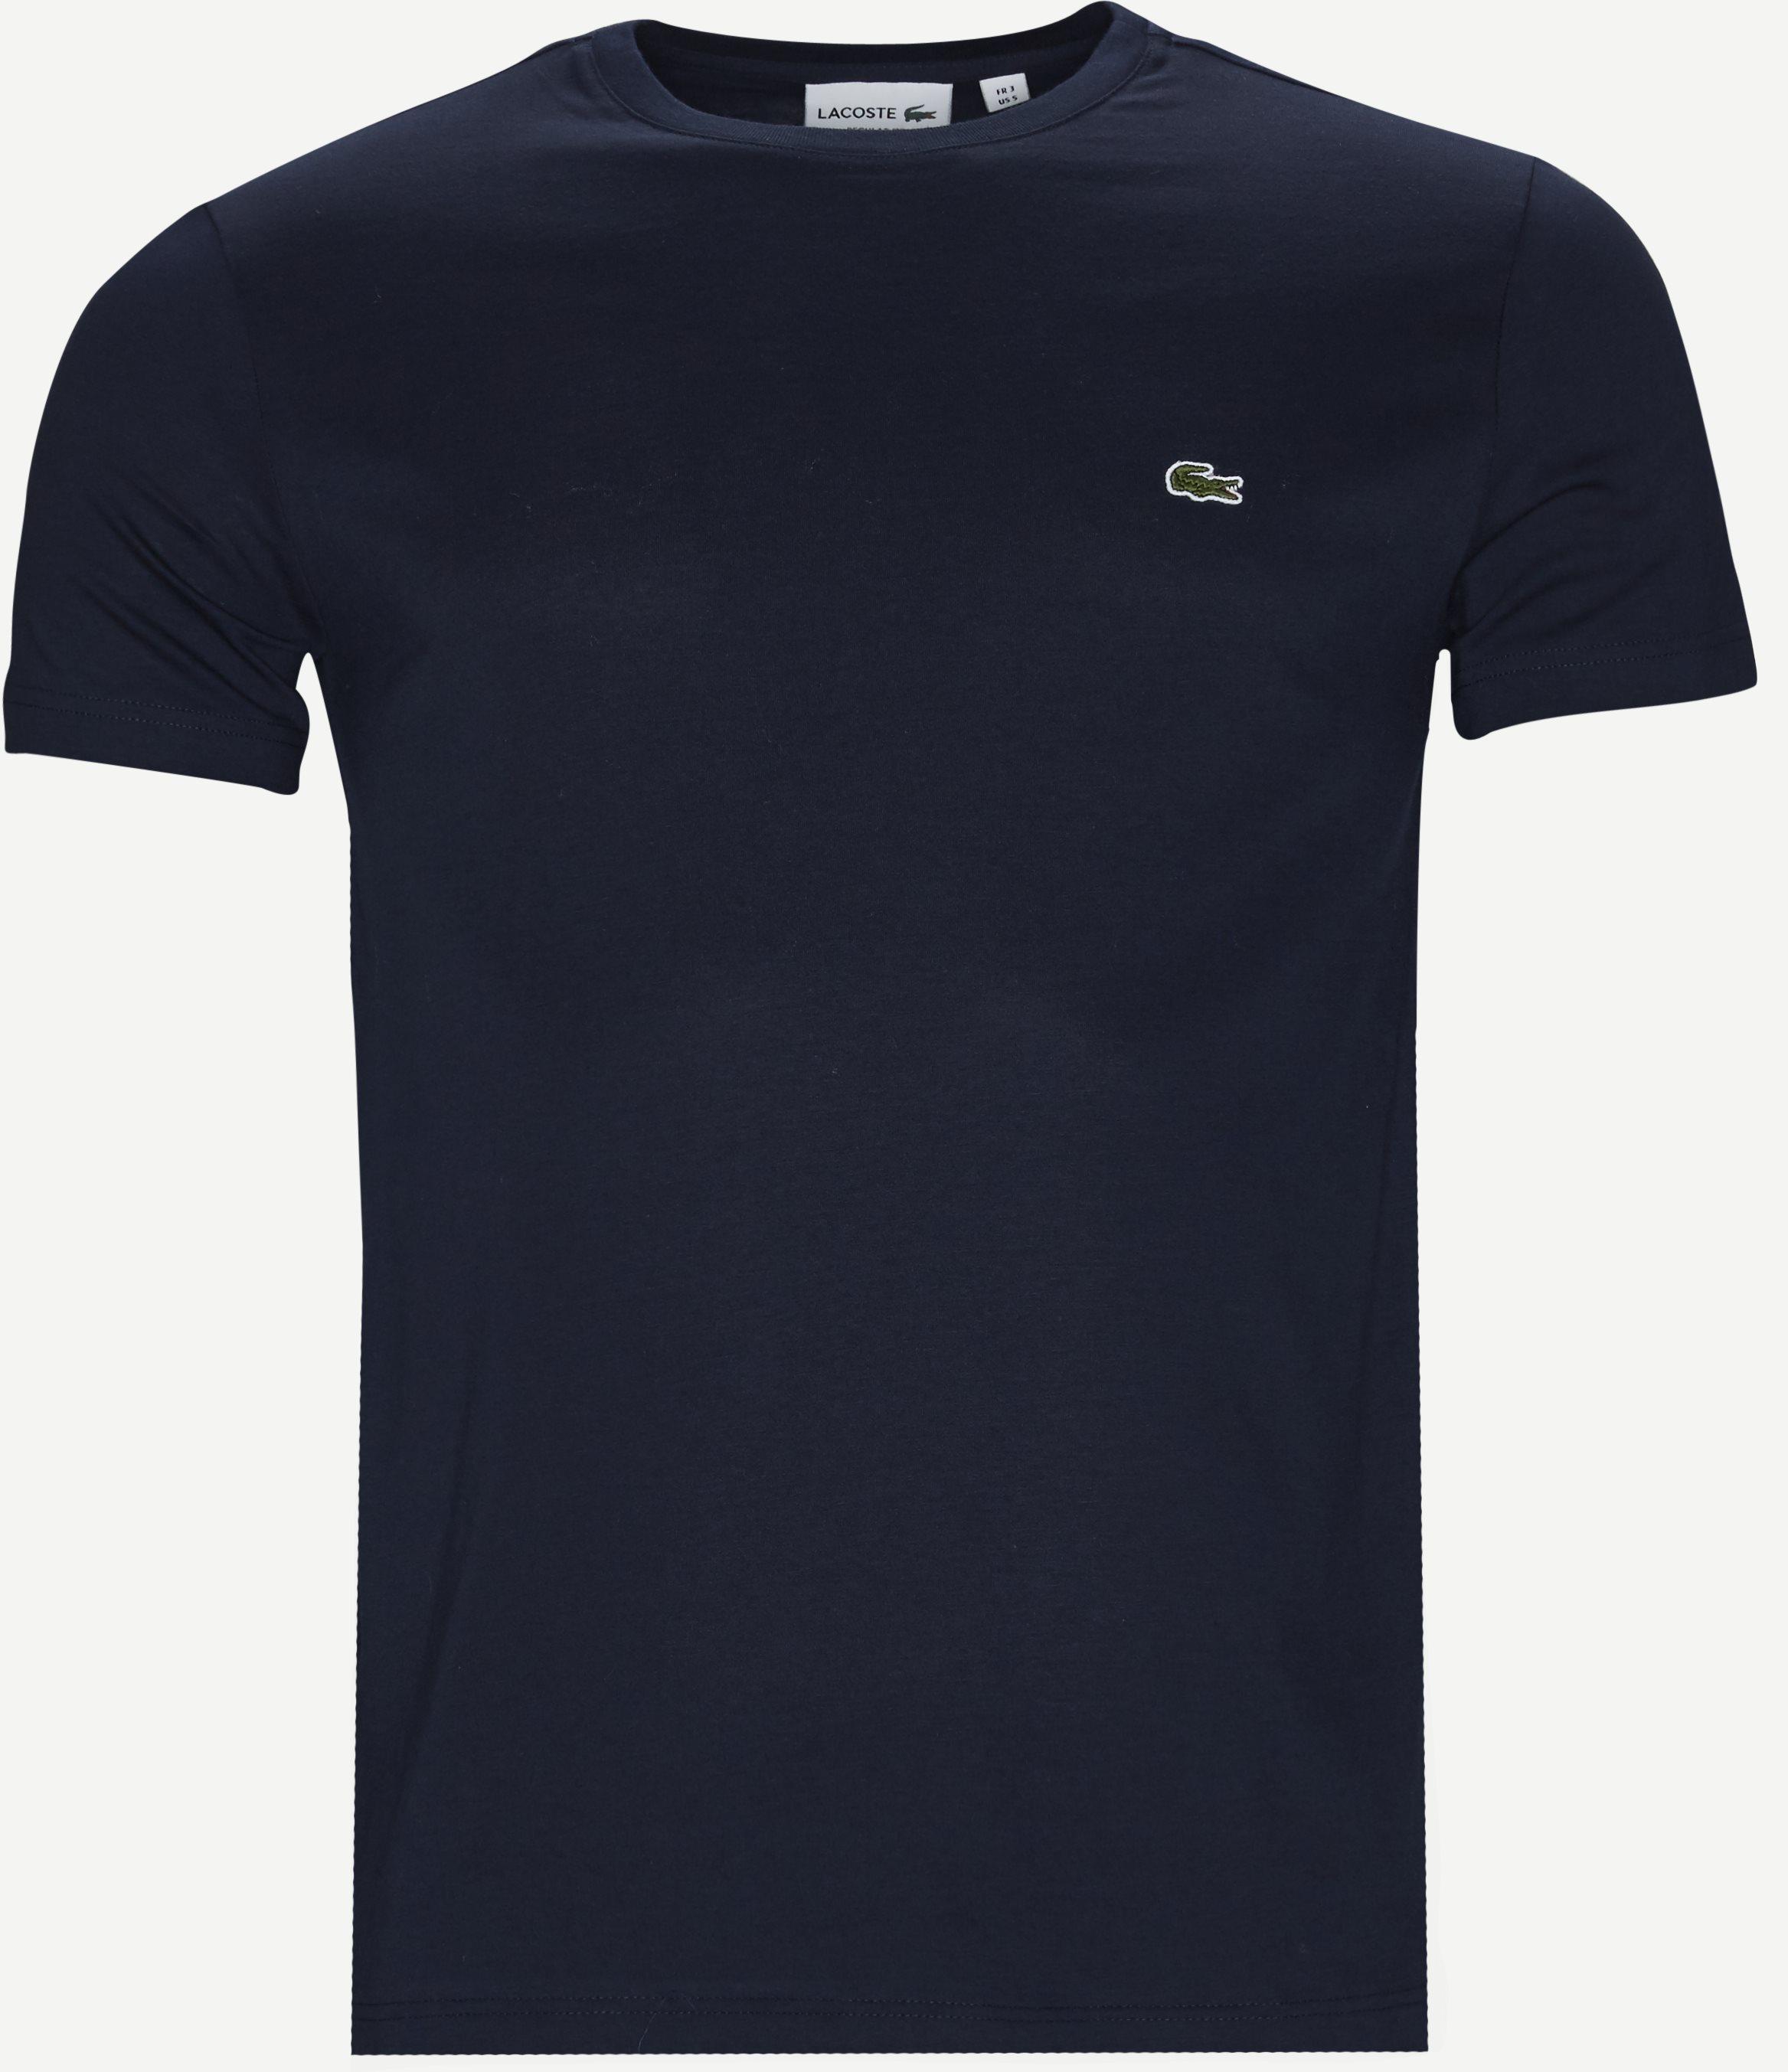 T-shirt - T-shirts - Regular - Blå